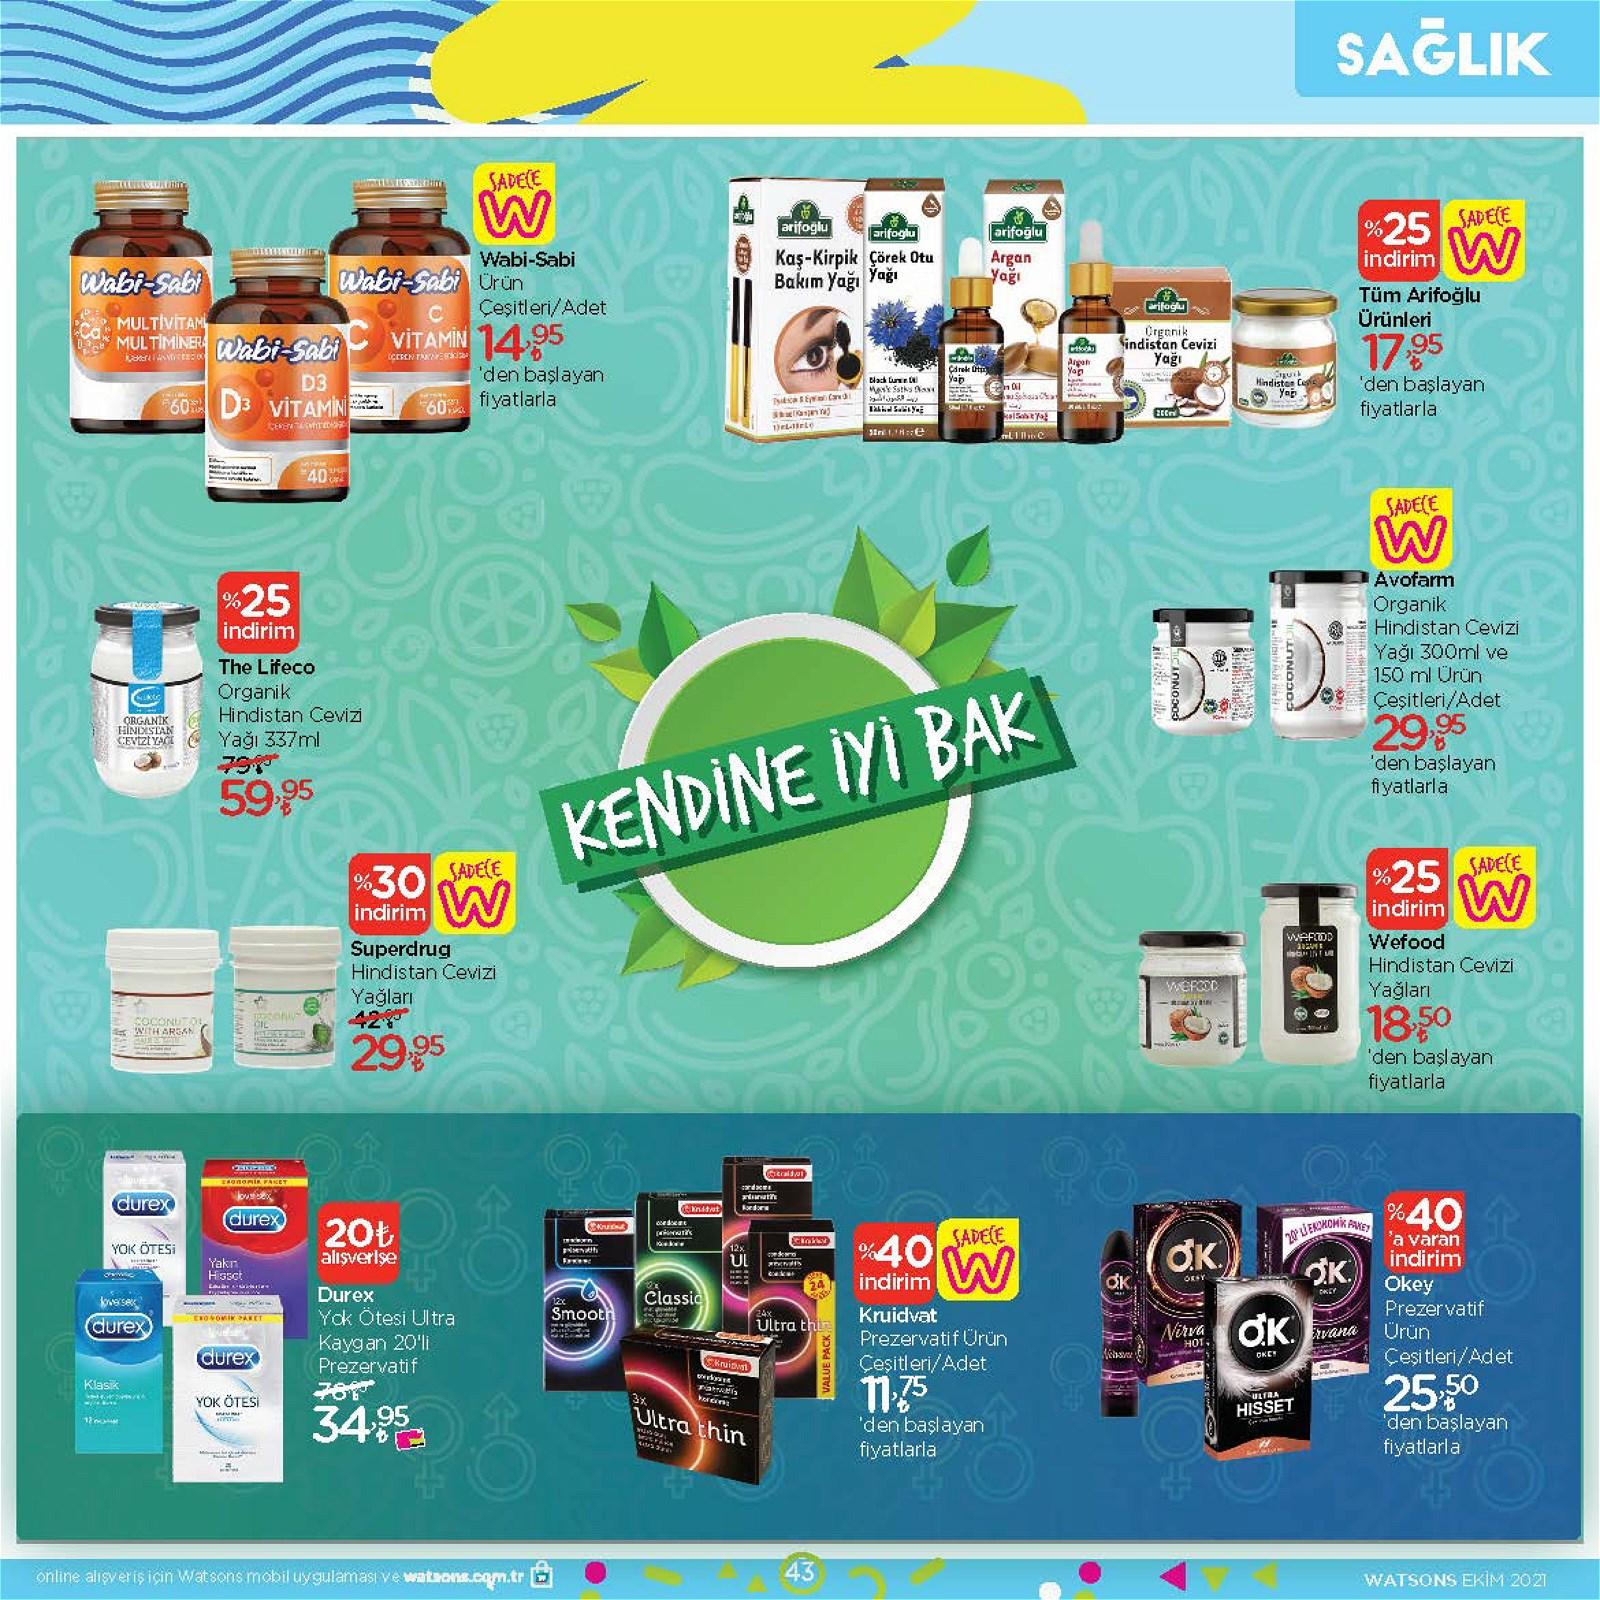 07.10.2021 Watsons broşürü 45. sayfa